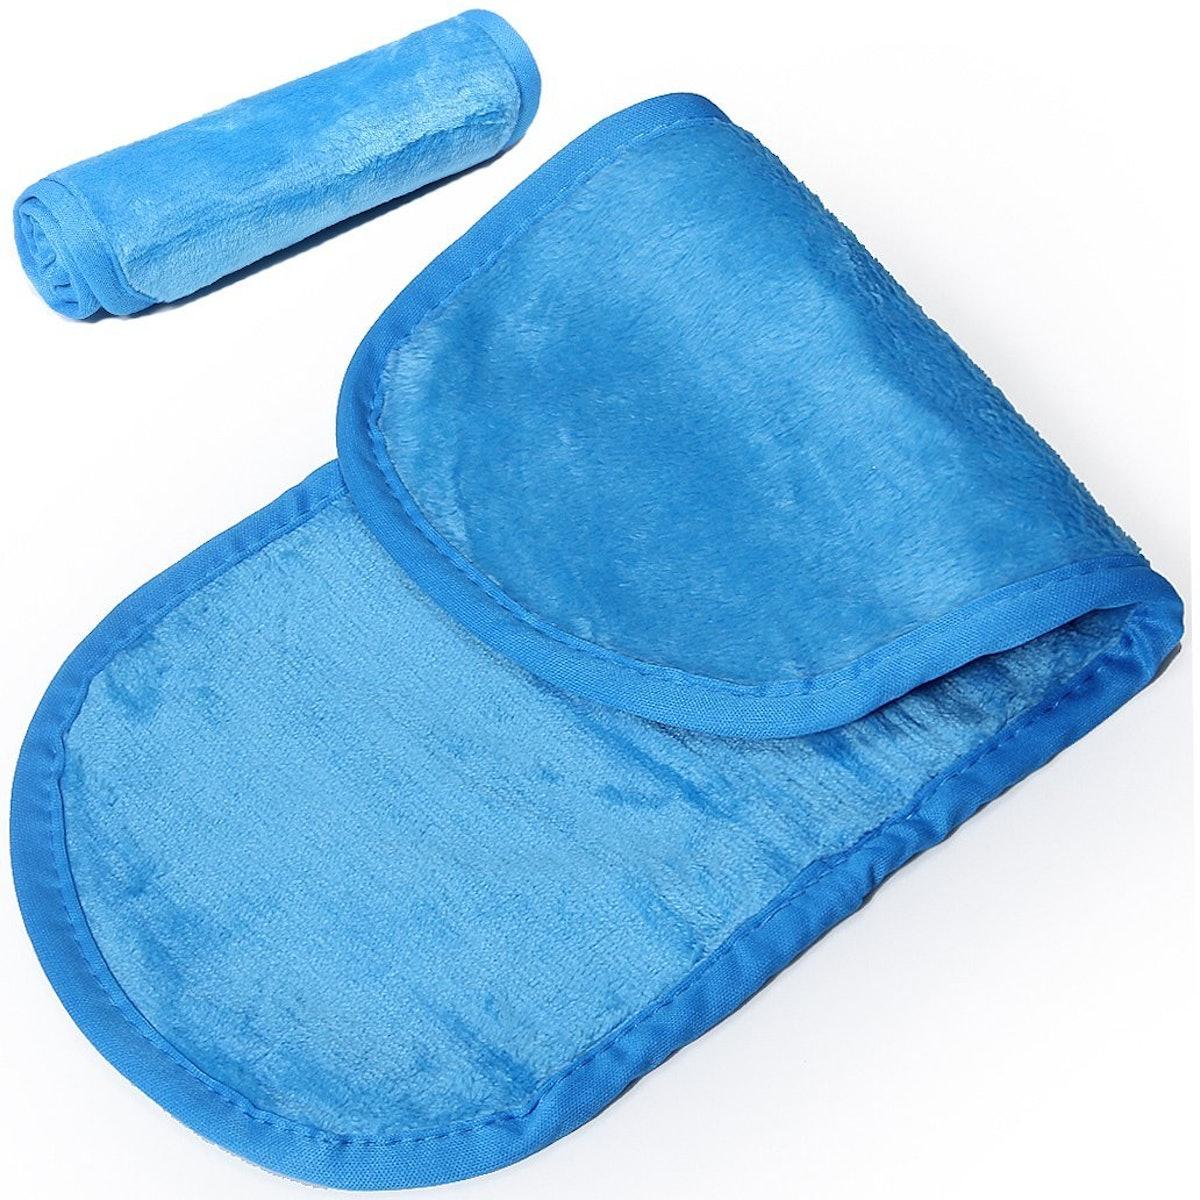 Makeup Remover Cloth Clean Towel